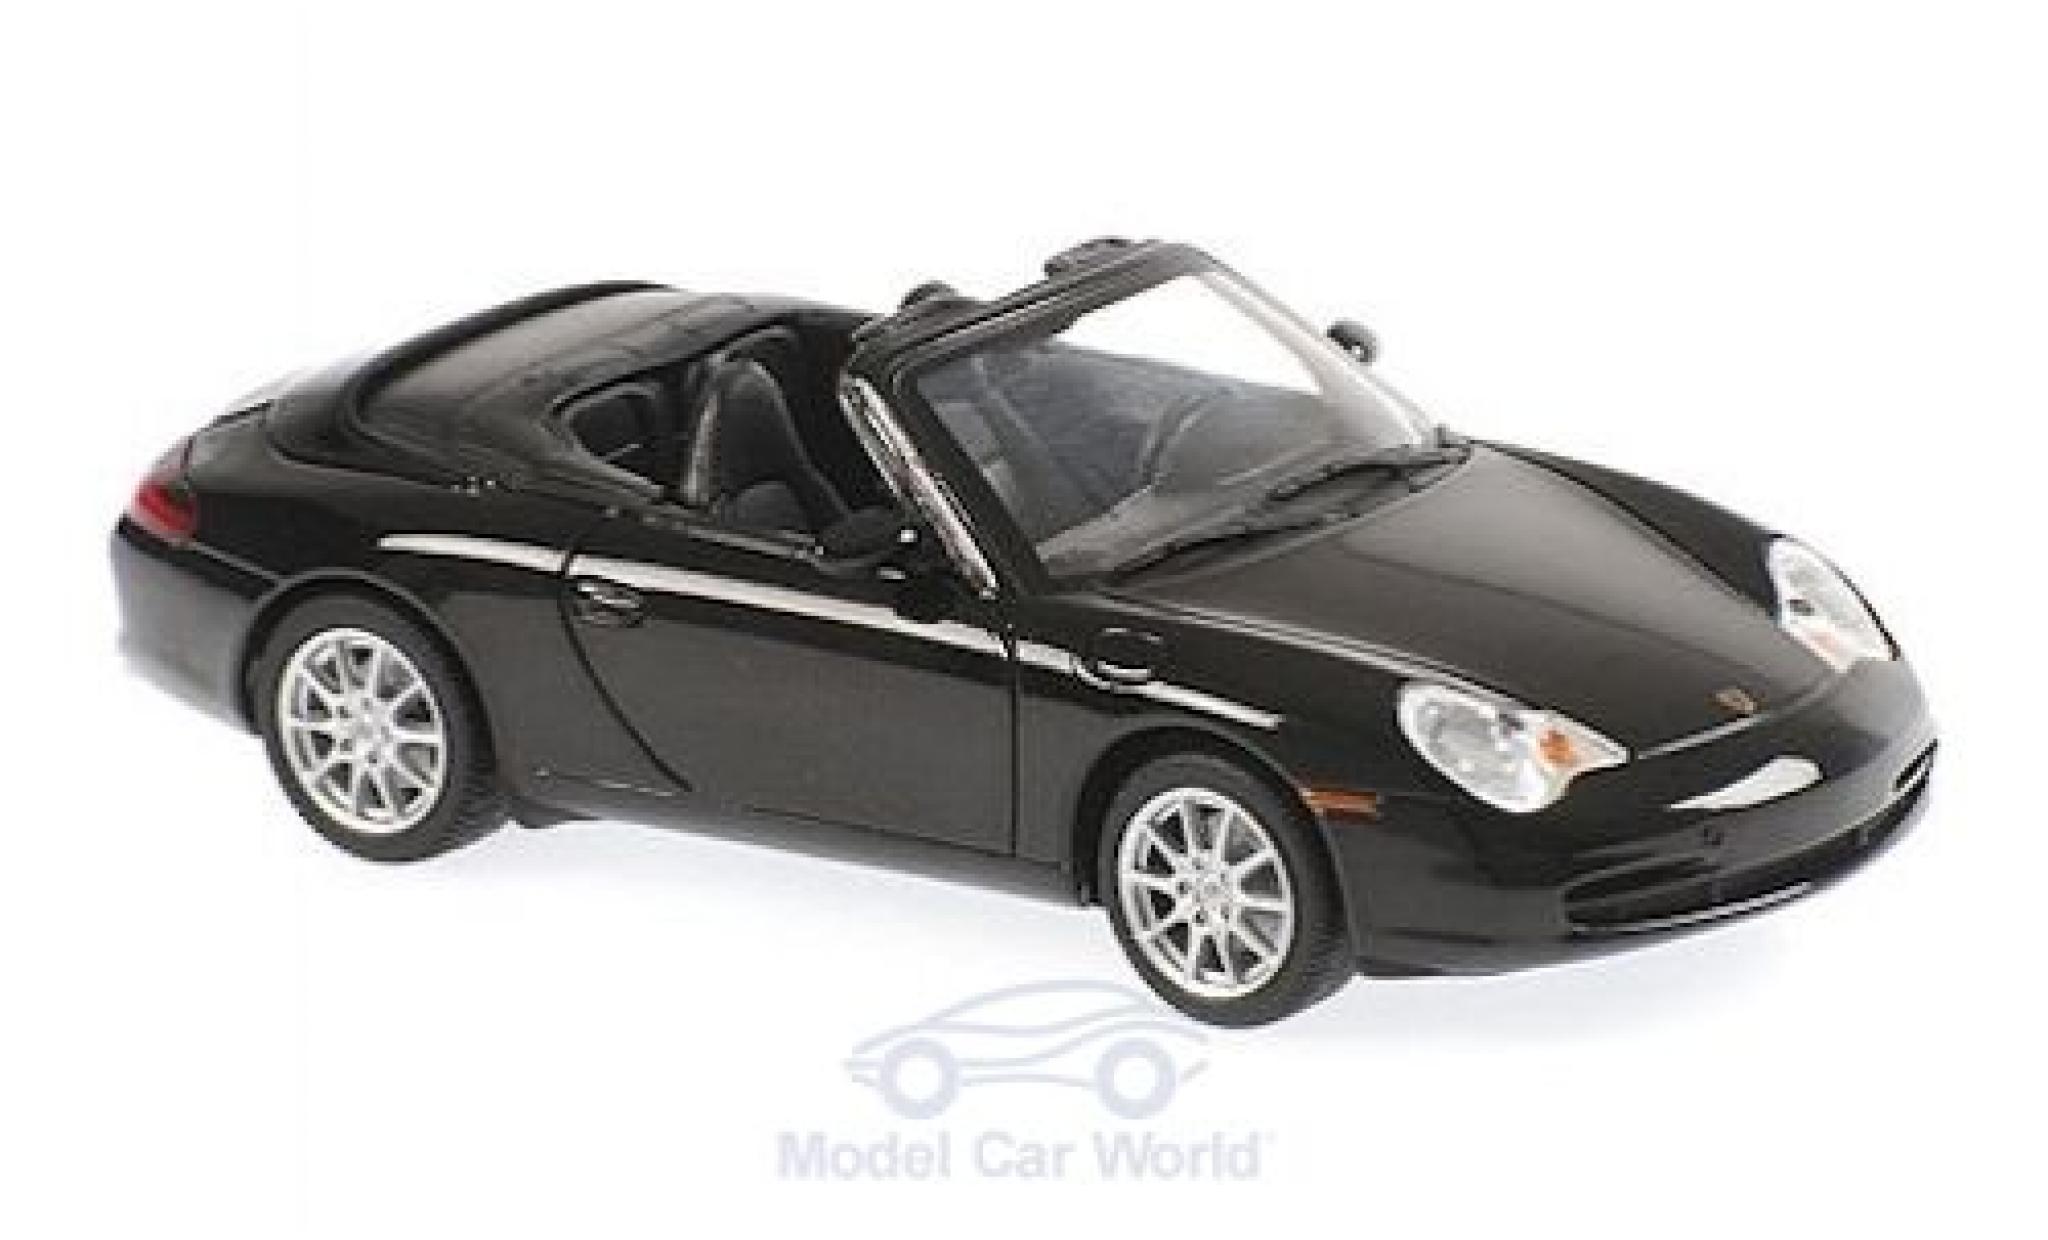 Porsche 911 1/43 Maxichamps (996) Cabriolet métallisé noire 2001